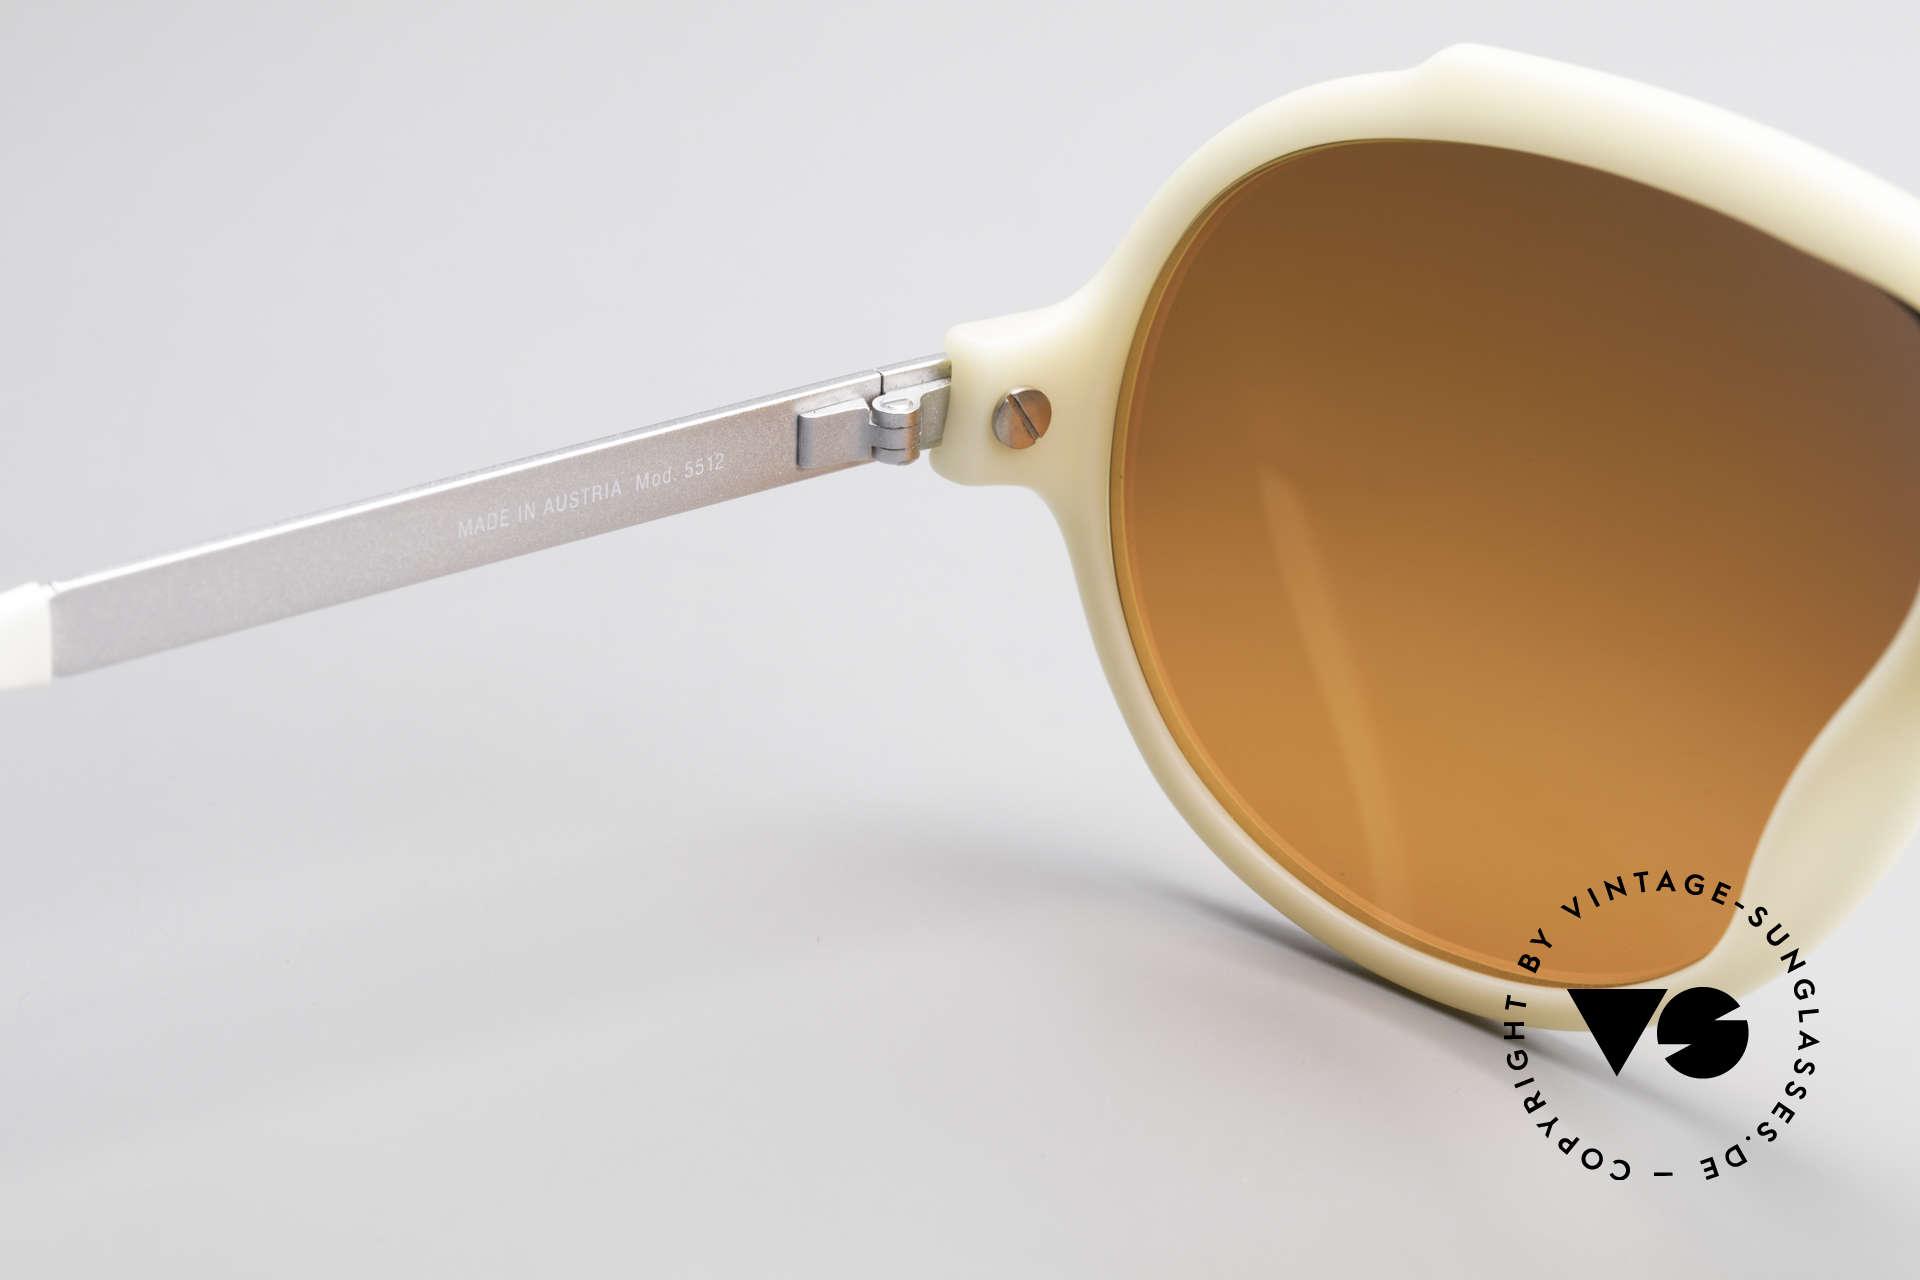 Carrera 5512 Miami Vice Sunset Sonnenbrille, sehr massiv, dennoch komfortabel dank OPTYL-Material, Passend für Herren